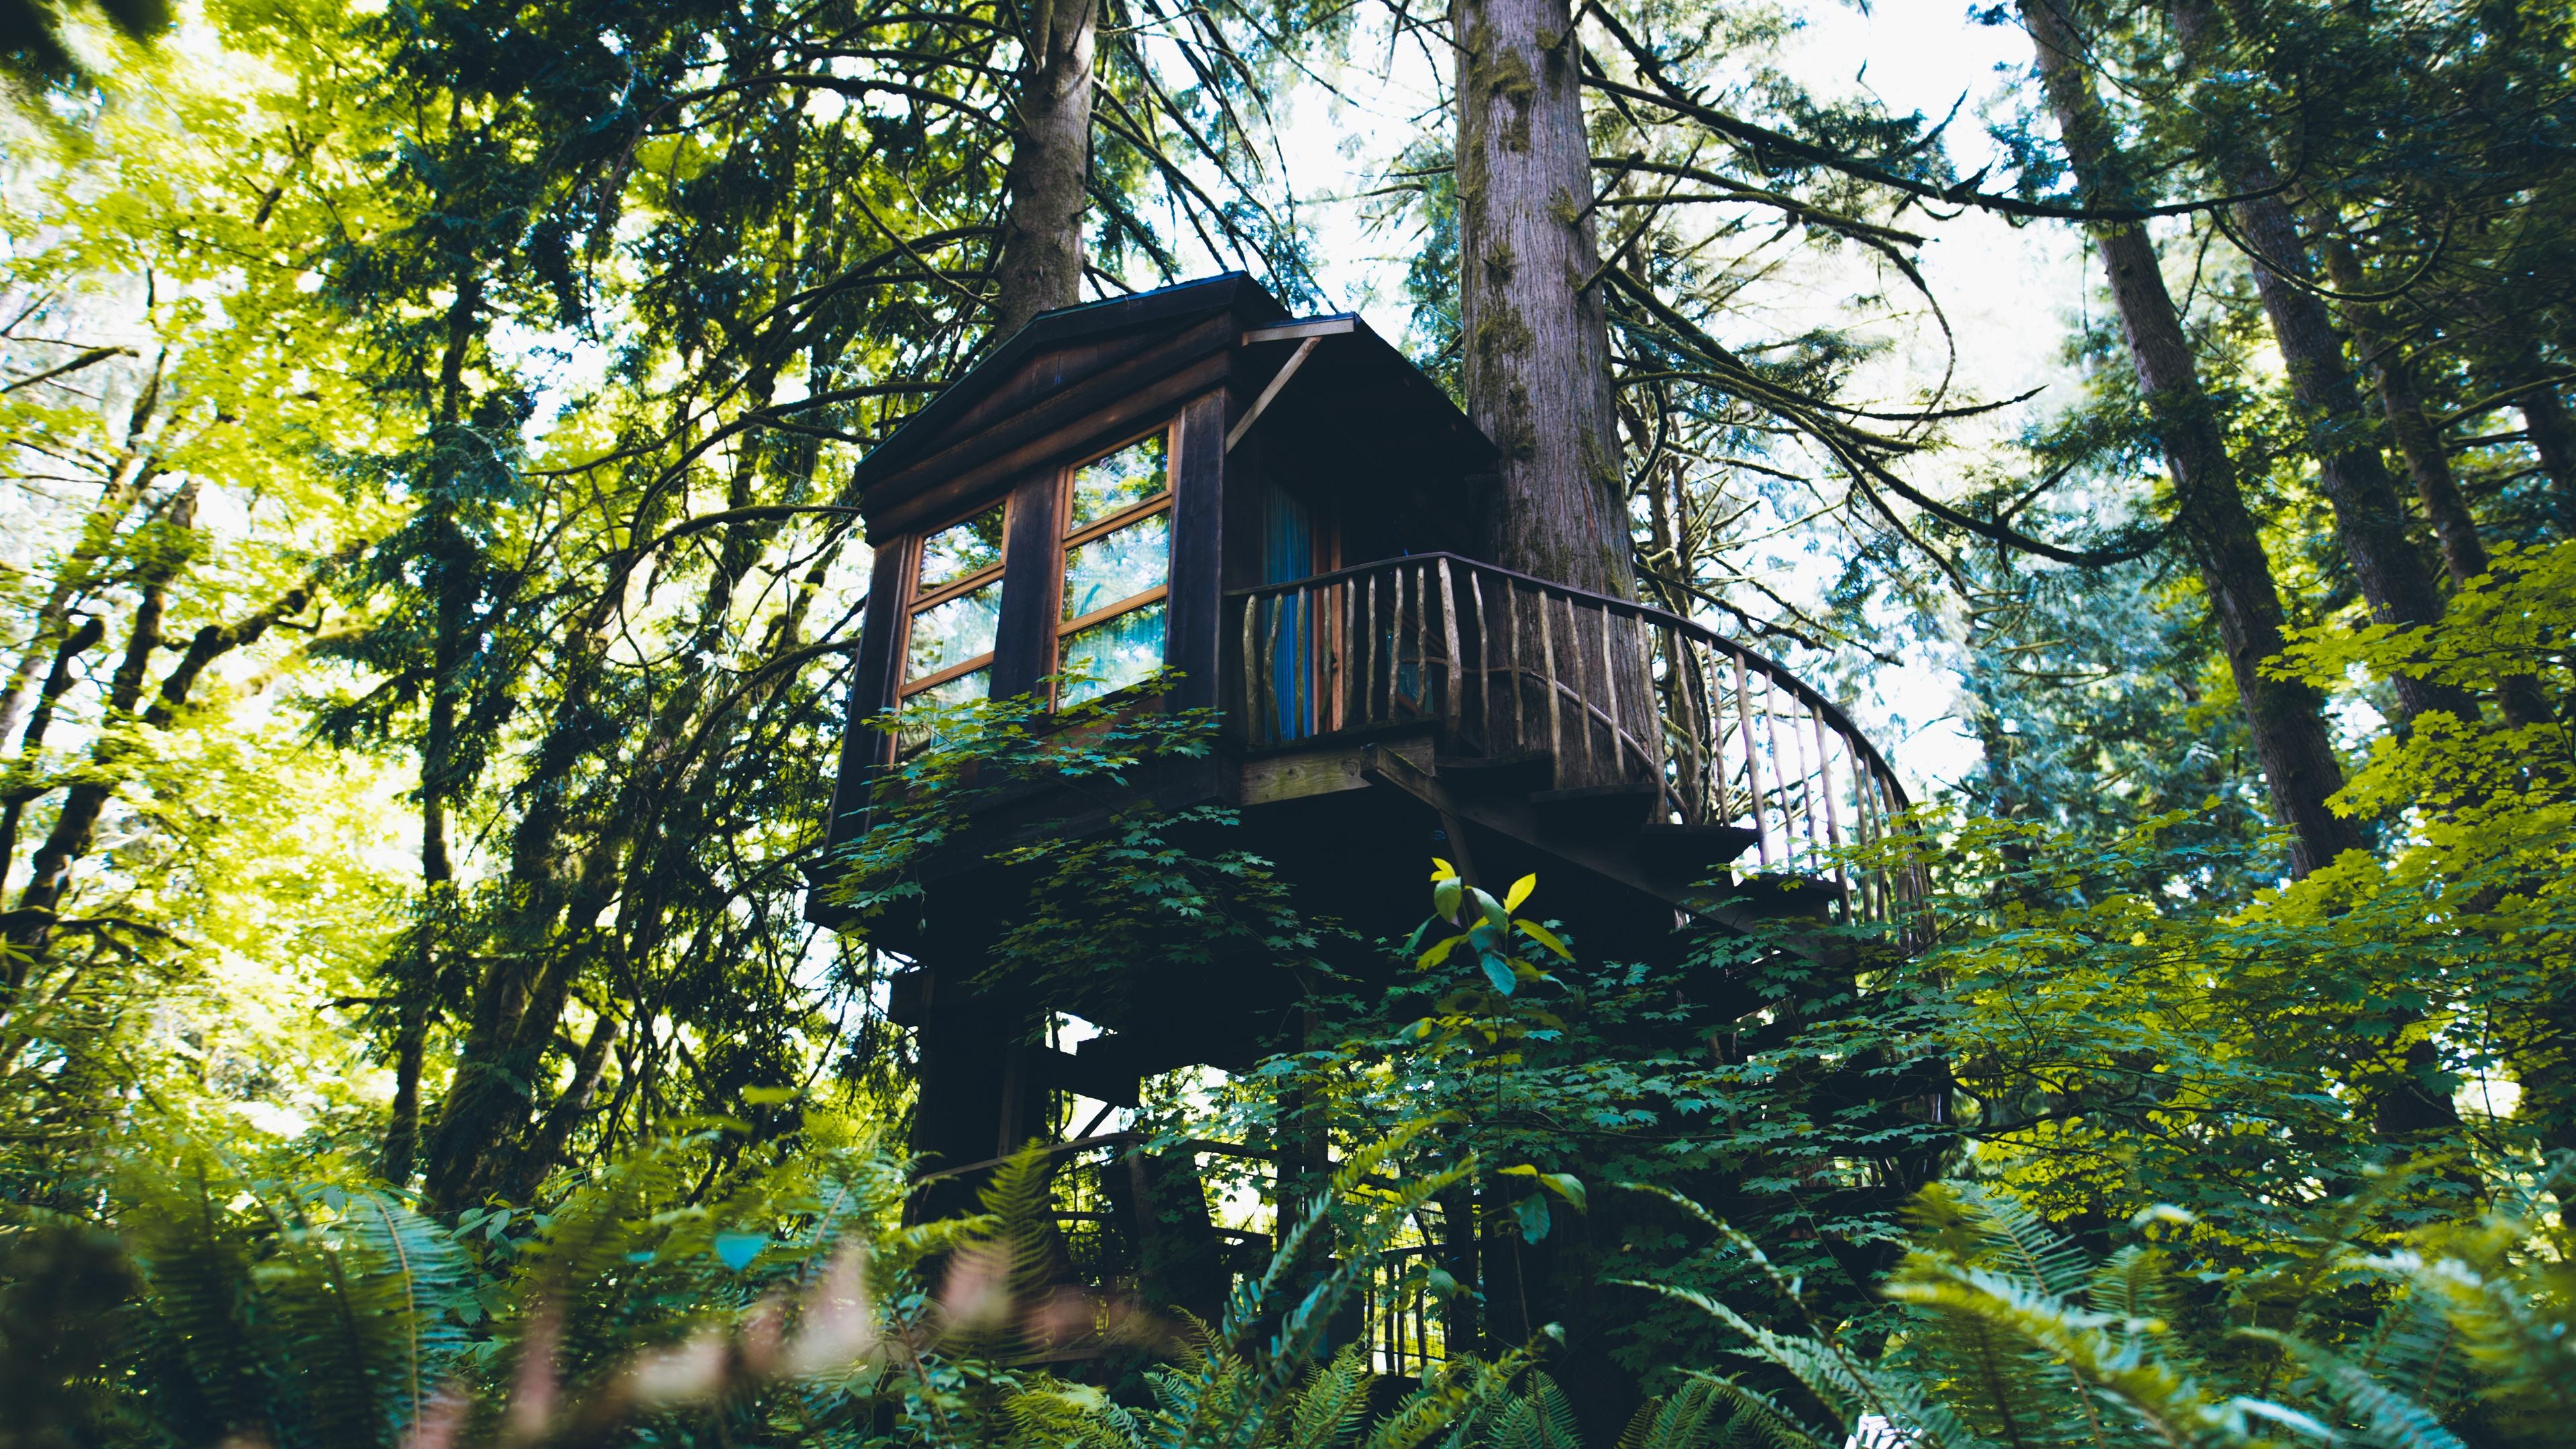 Fondos De Pantalla Casa Del árbol Bosque Verde 5120x2880